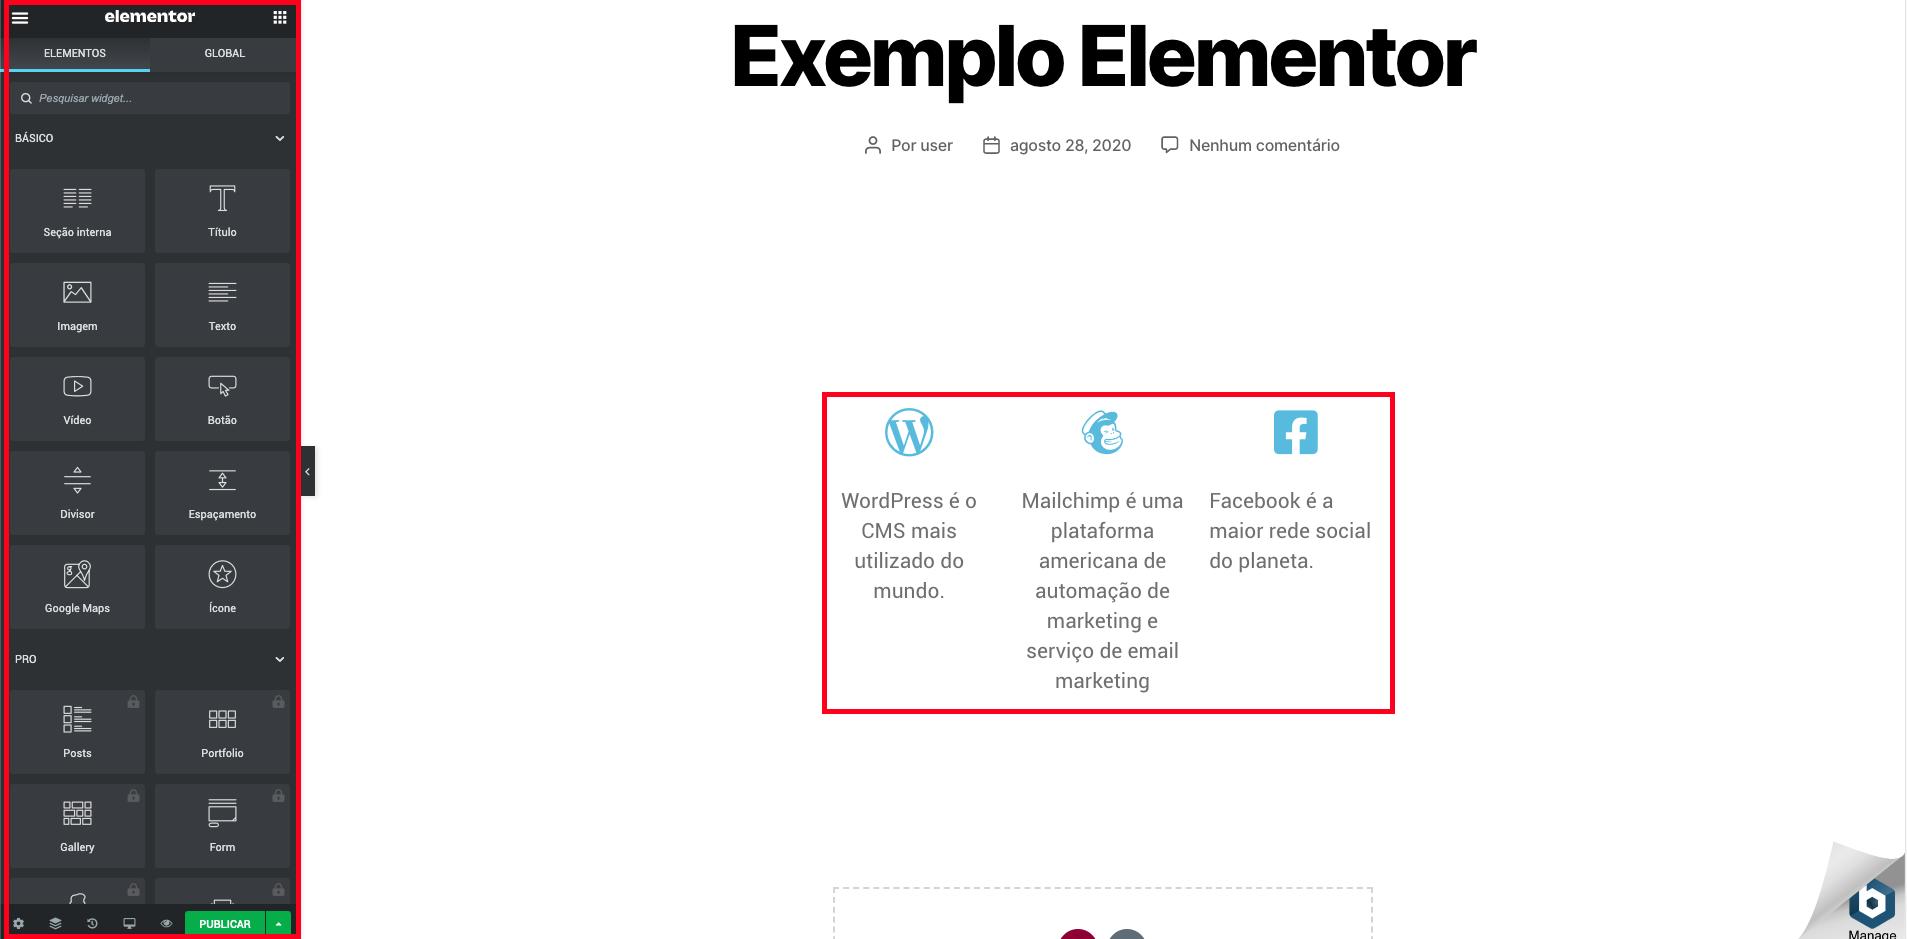 Exemplo Editor ao vivo Elementor